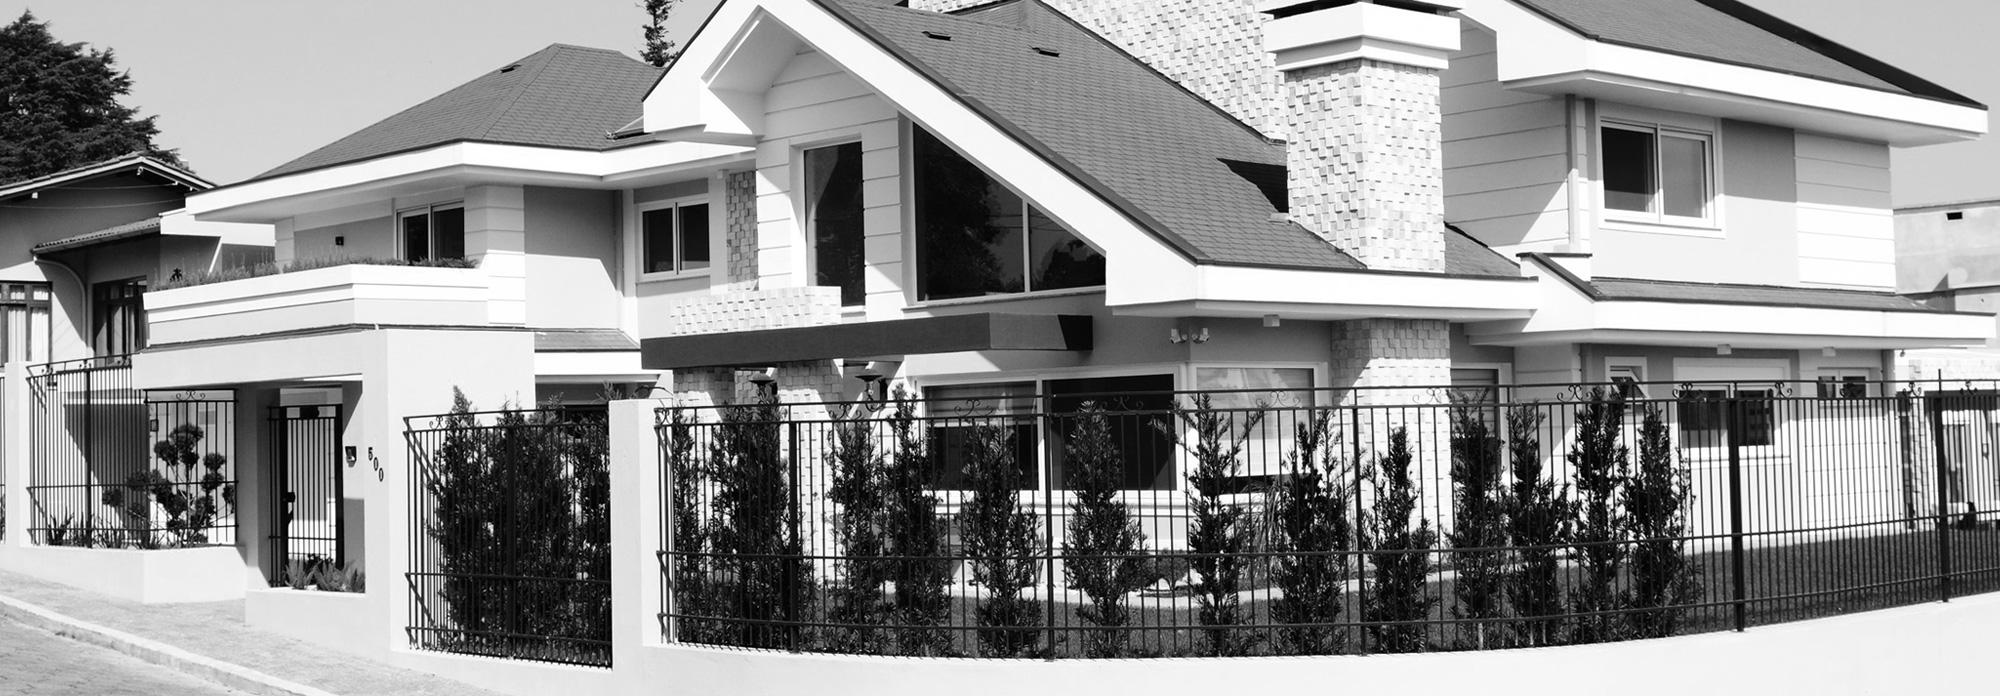 imagem-arquitetura-banner8-sem-logo